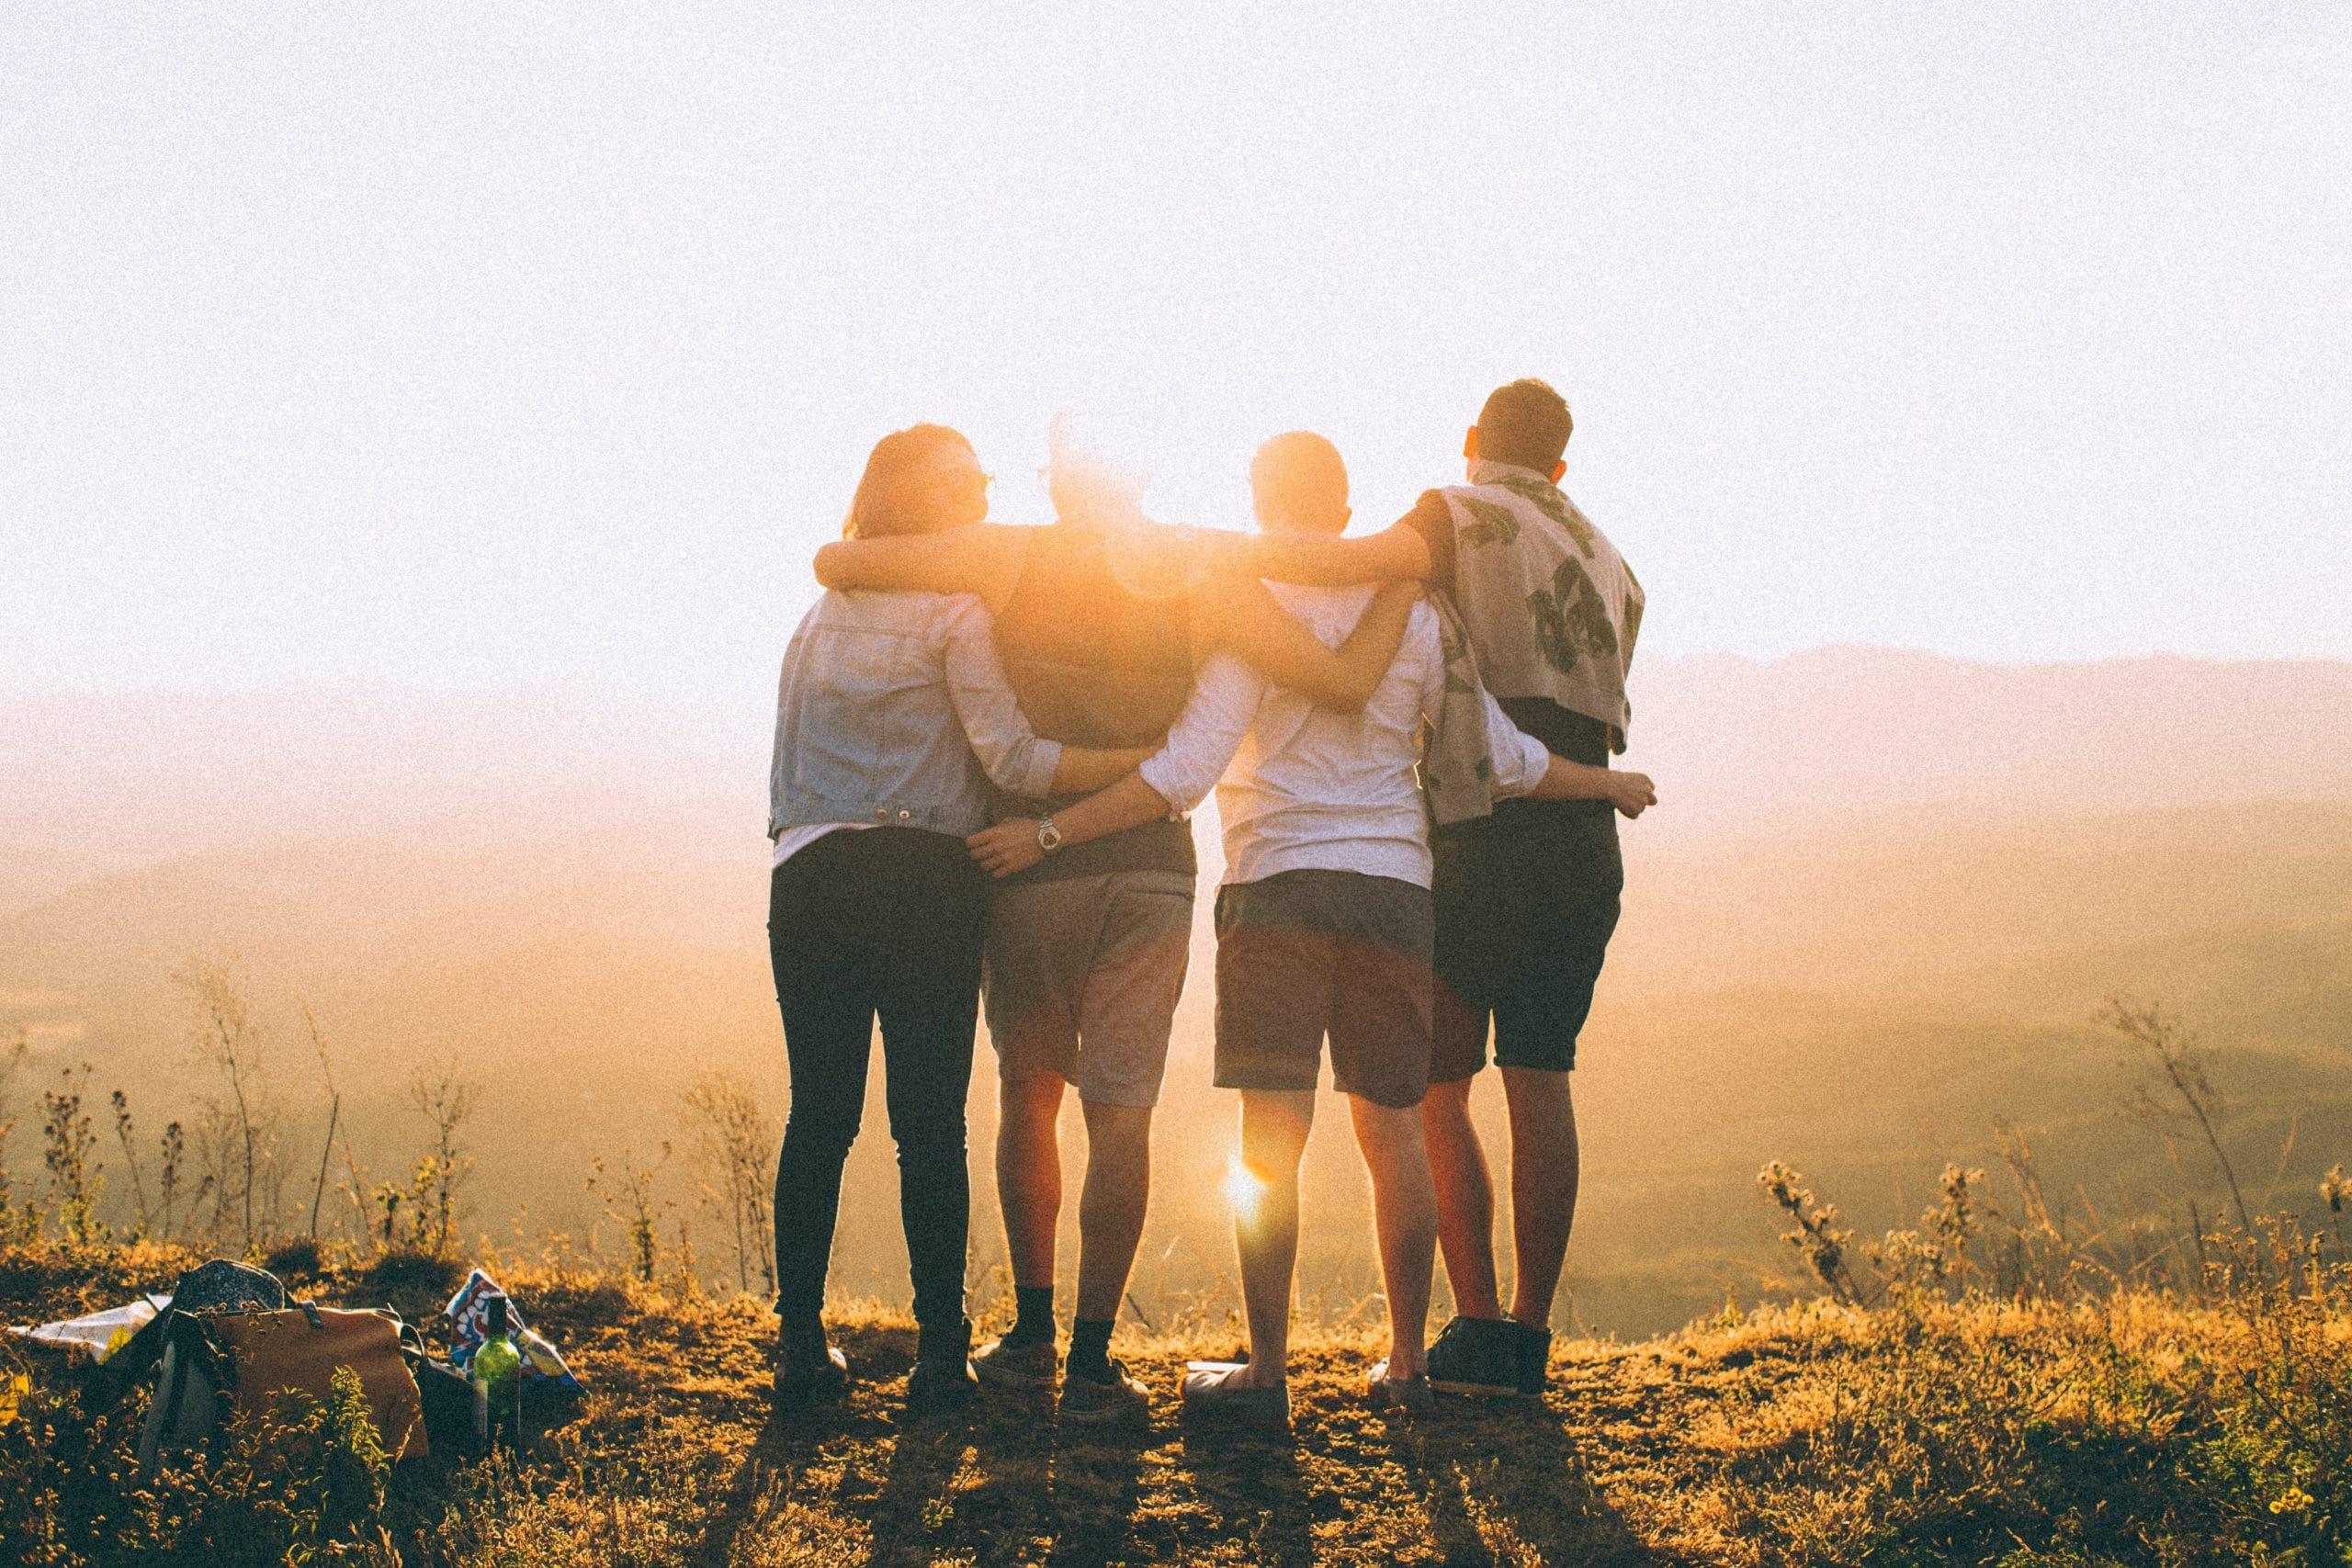 vriendengroep